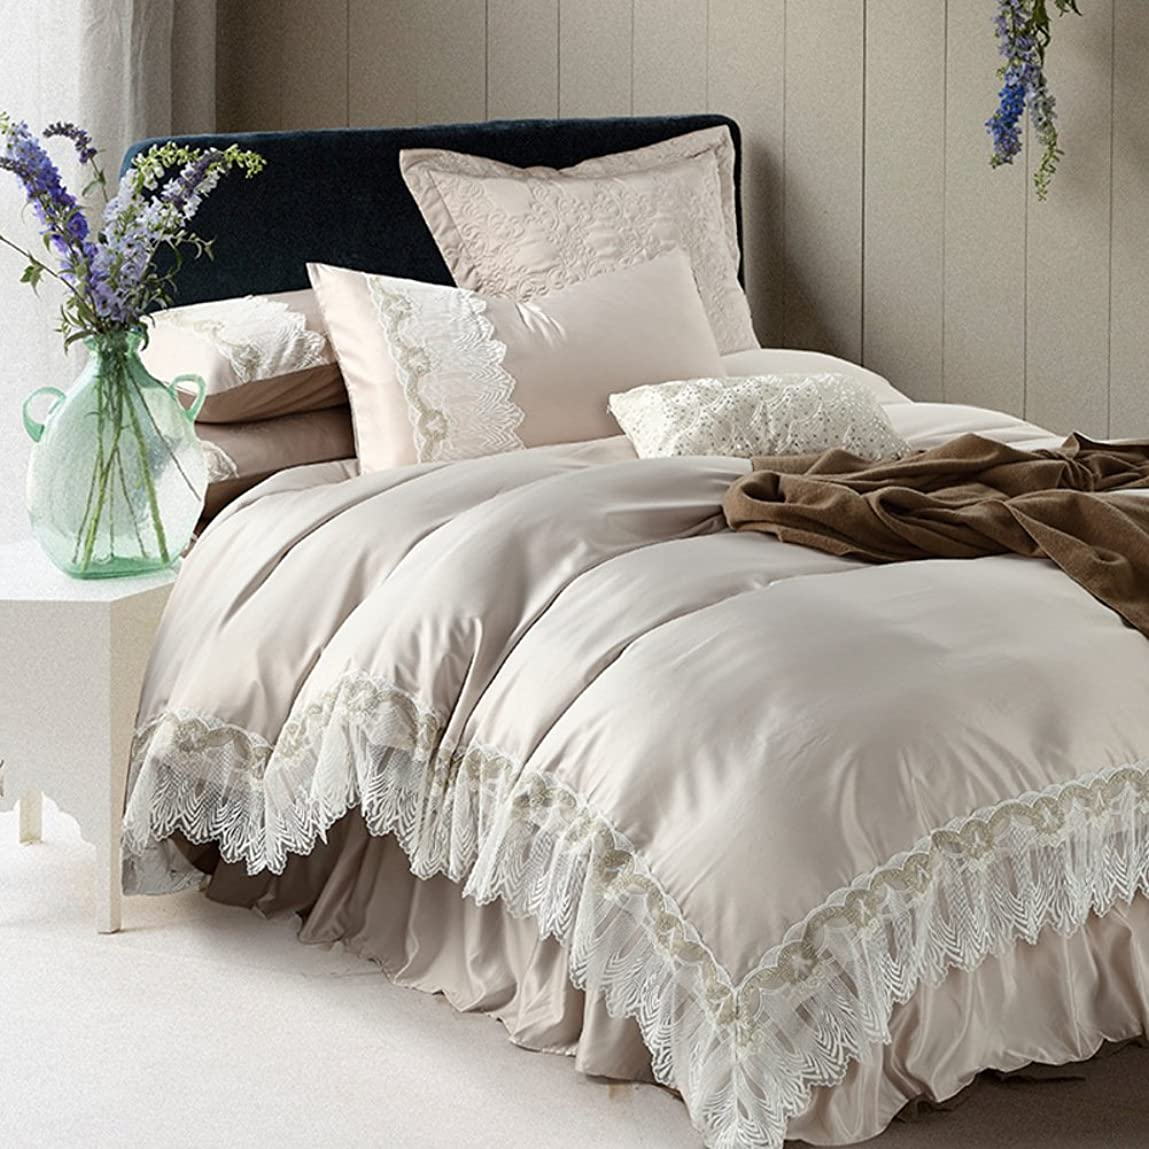 アーチ確執賛美歌レース 寝具セット,綿 高級 装飾 ベッドスプレッド シート ベッドスカート 掛け布団カバー 堅牢 高級な-C [A]180*200cm